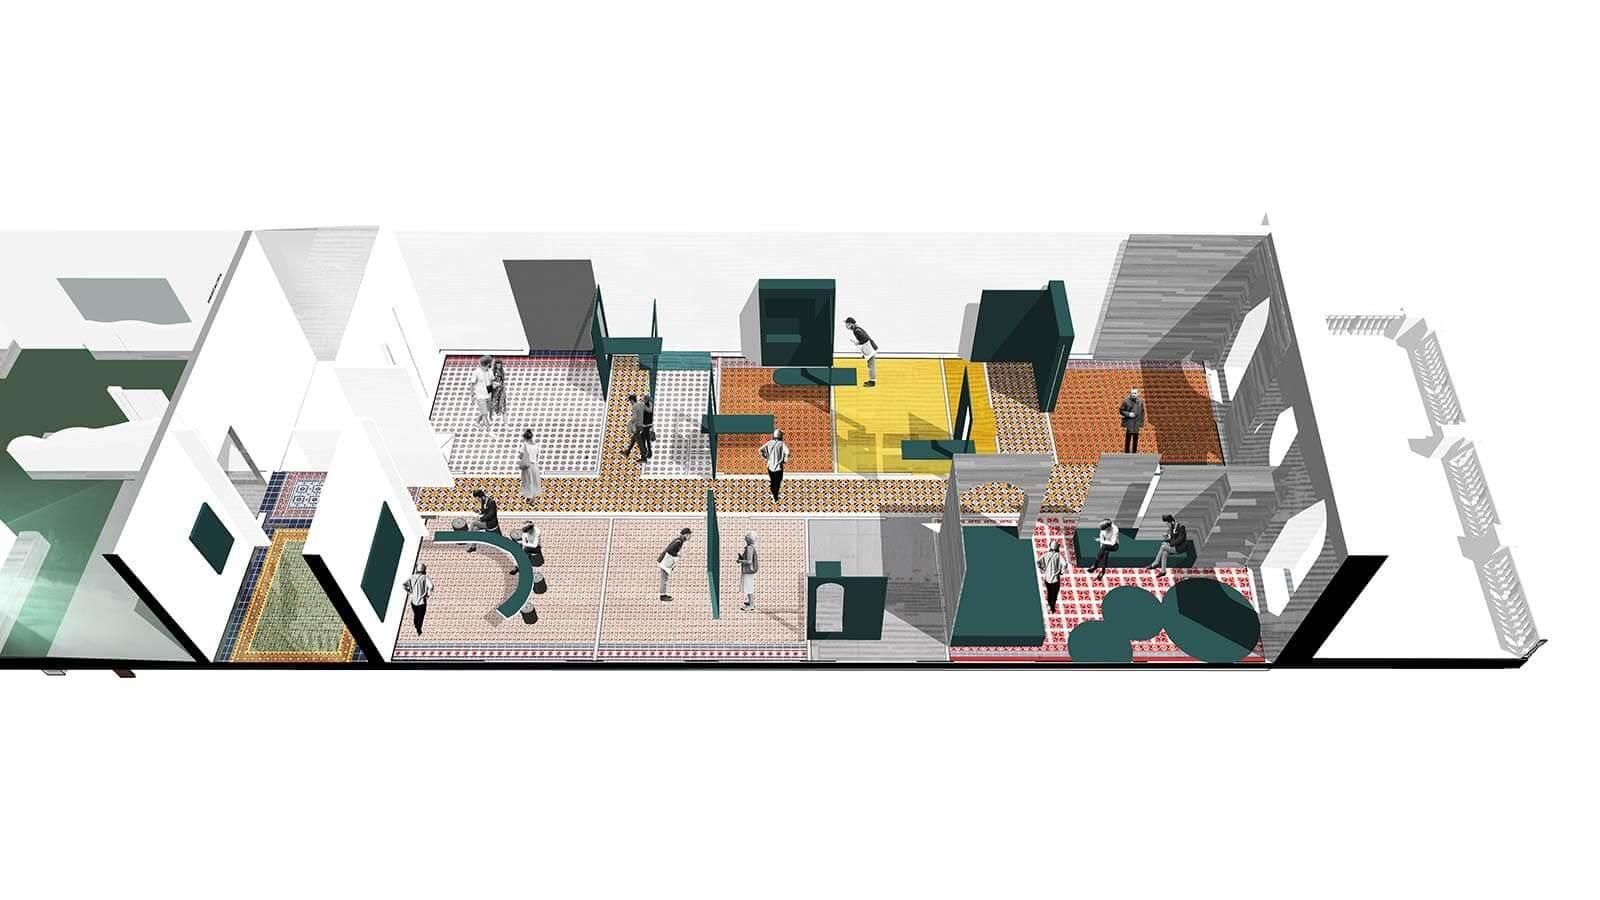 Vue 3D de la scénographie d'un des espaces d'exposition, à l'est du bâtiment.